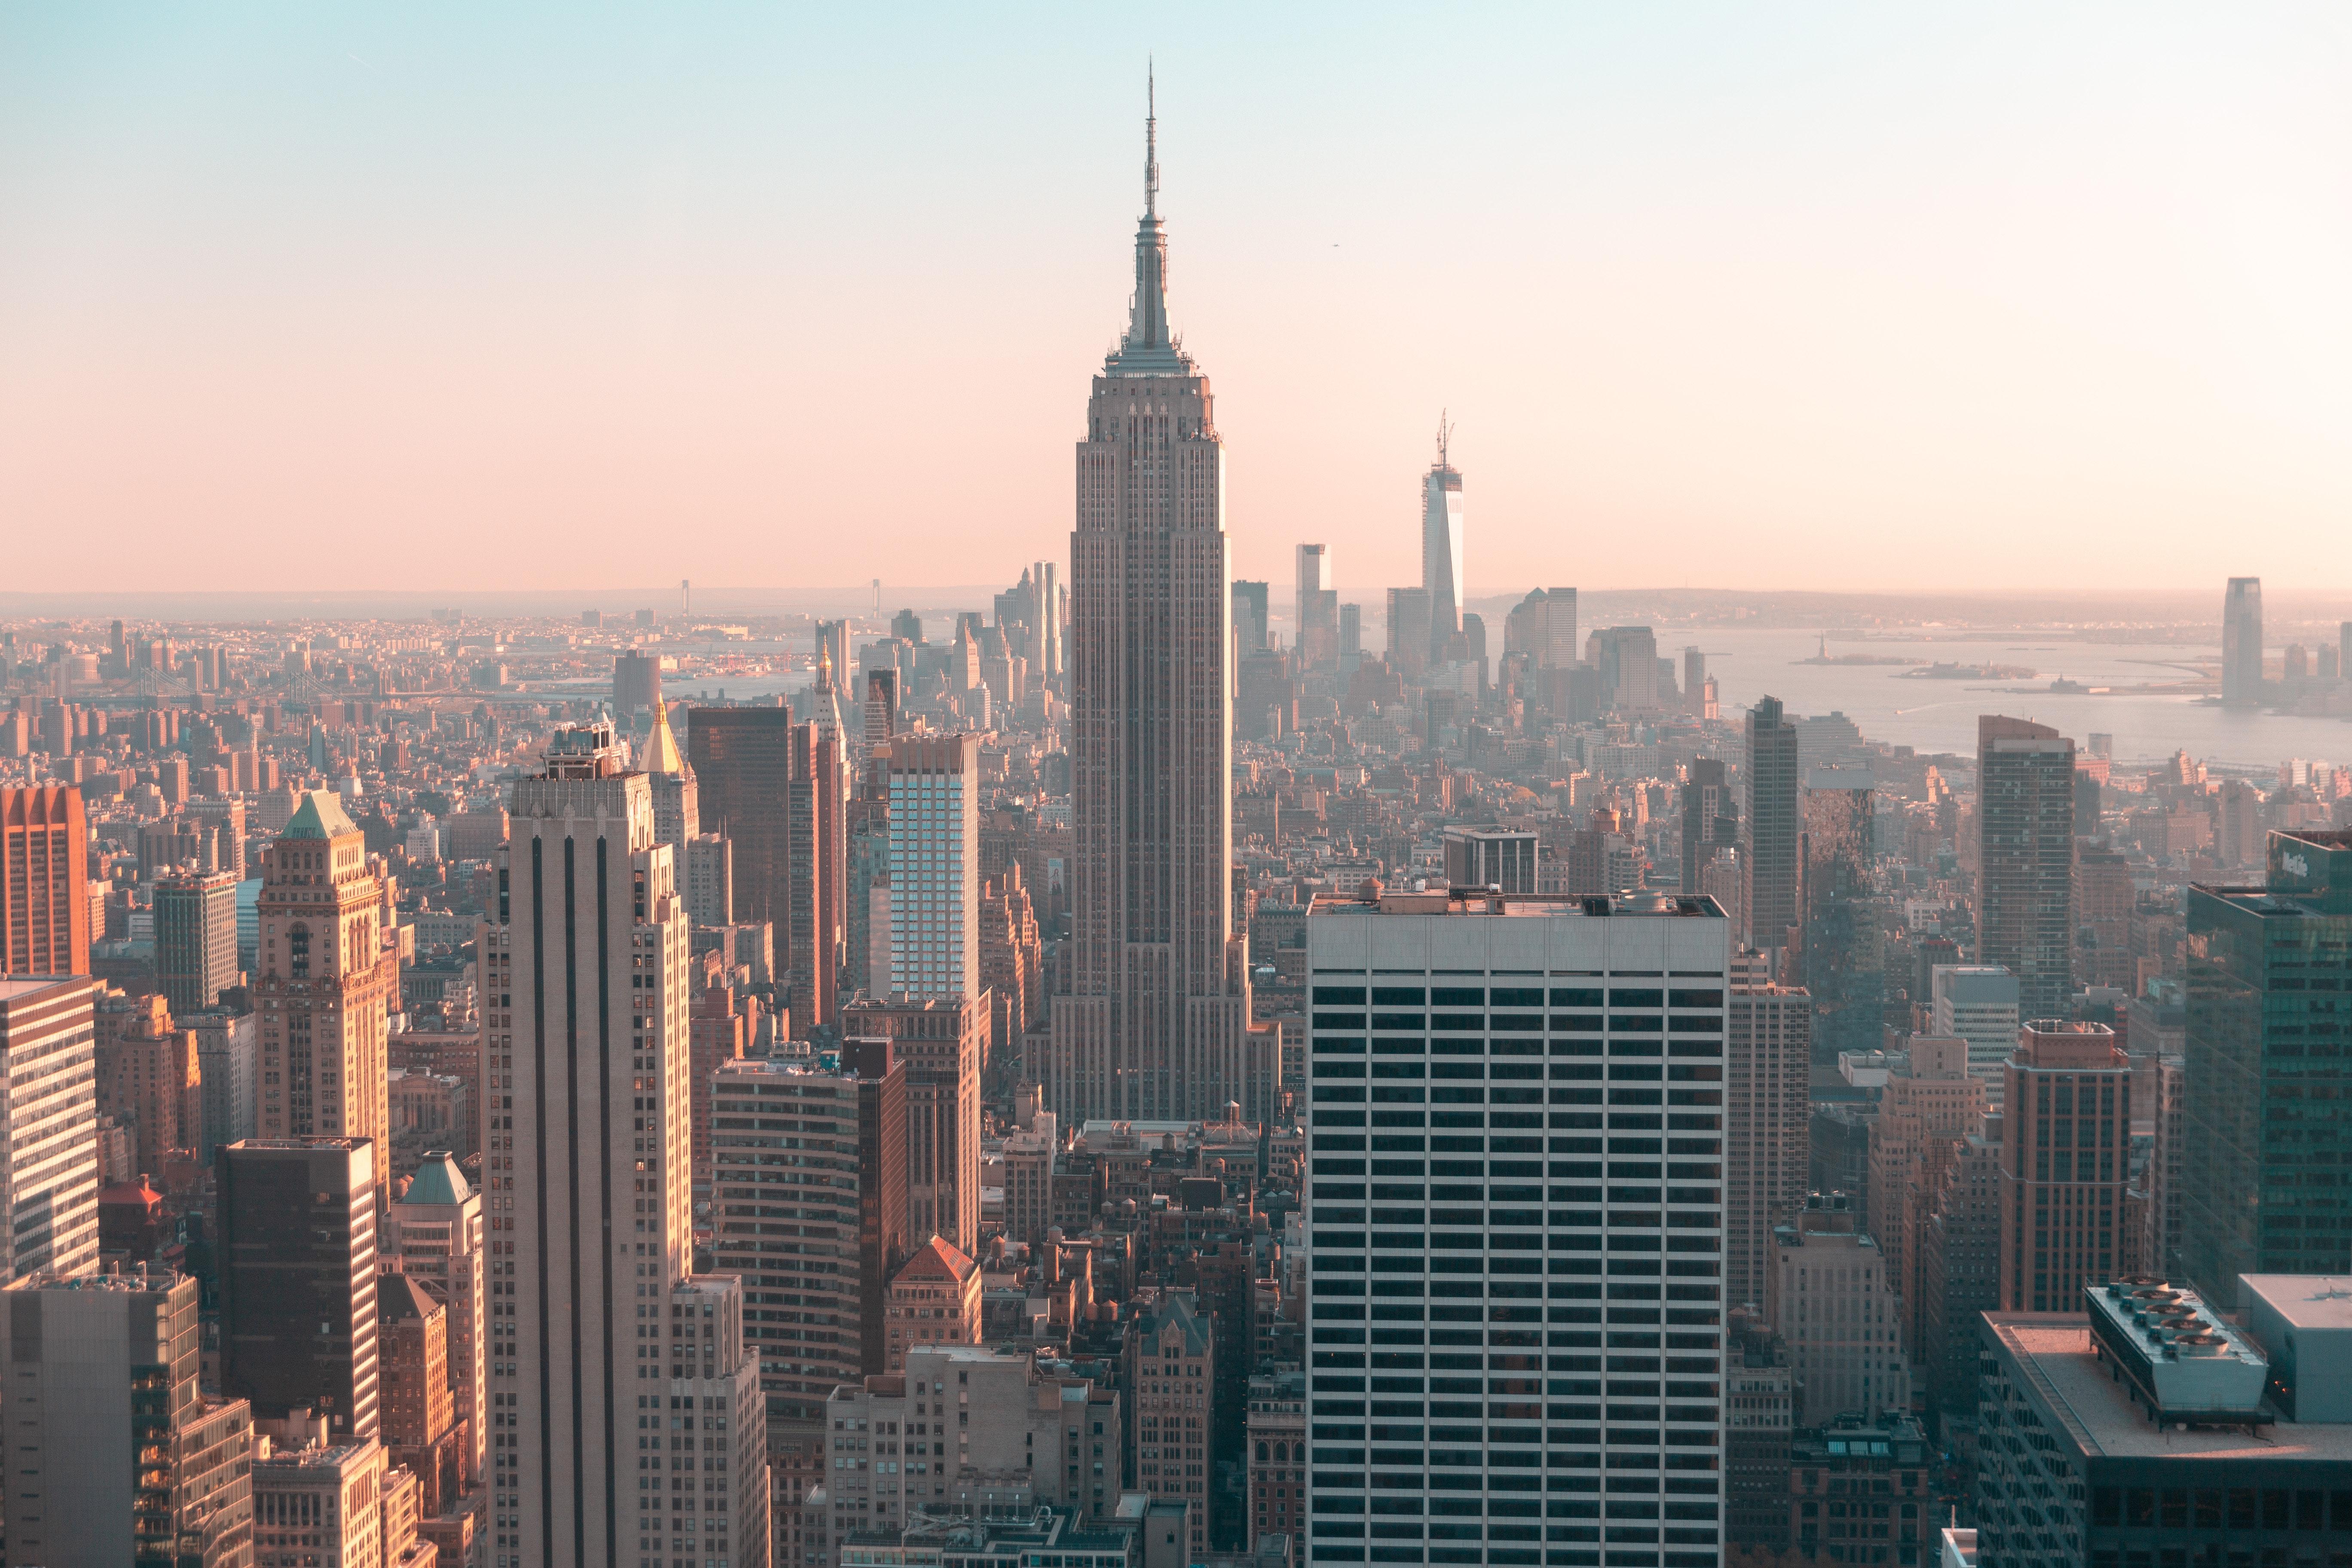 New York City. Estados Unidos. (Cortesía de Pexels)